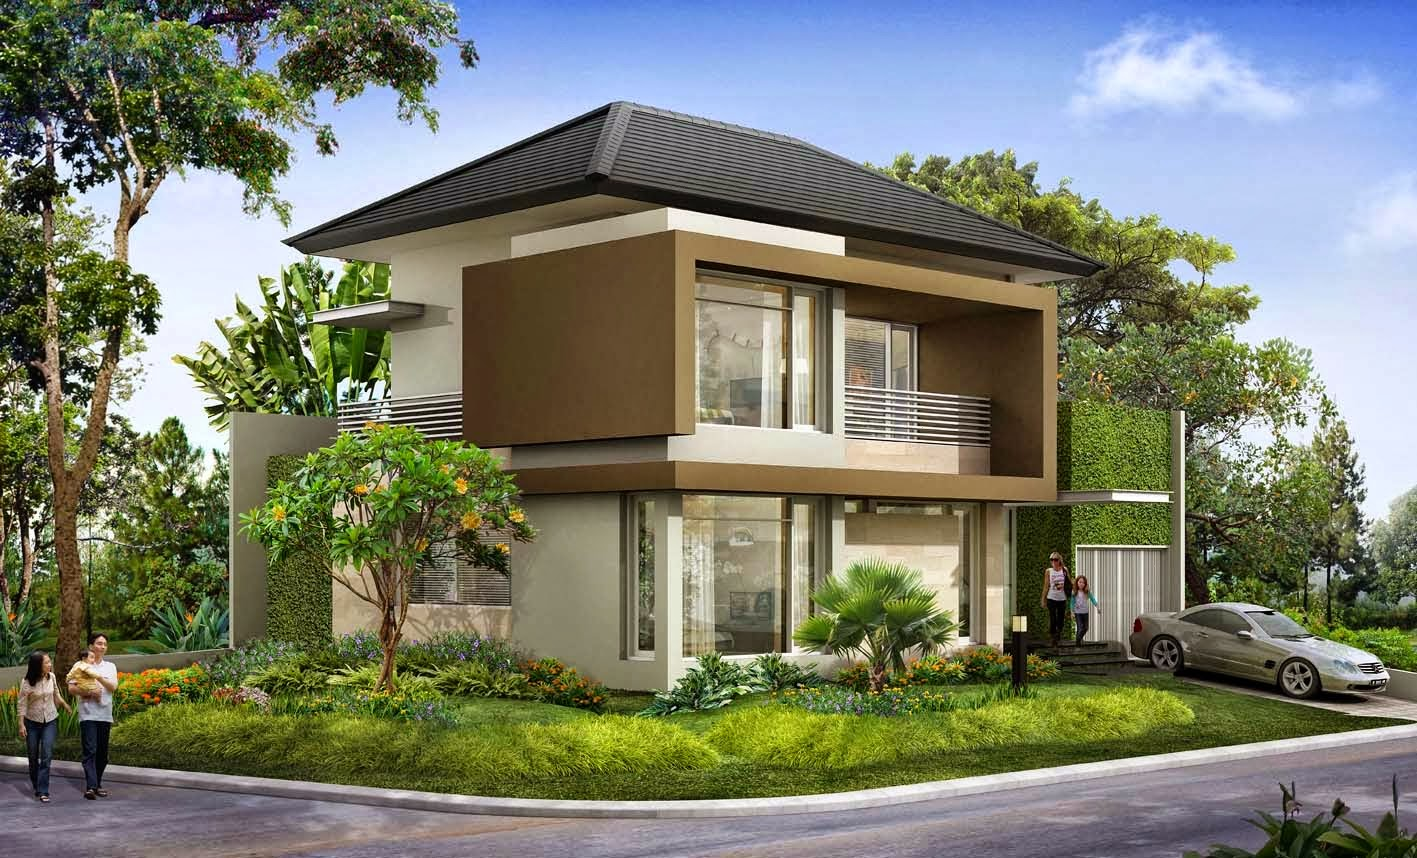 Desain Rumah Minimalis Idaman Keluarga Terbaru 2015